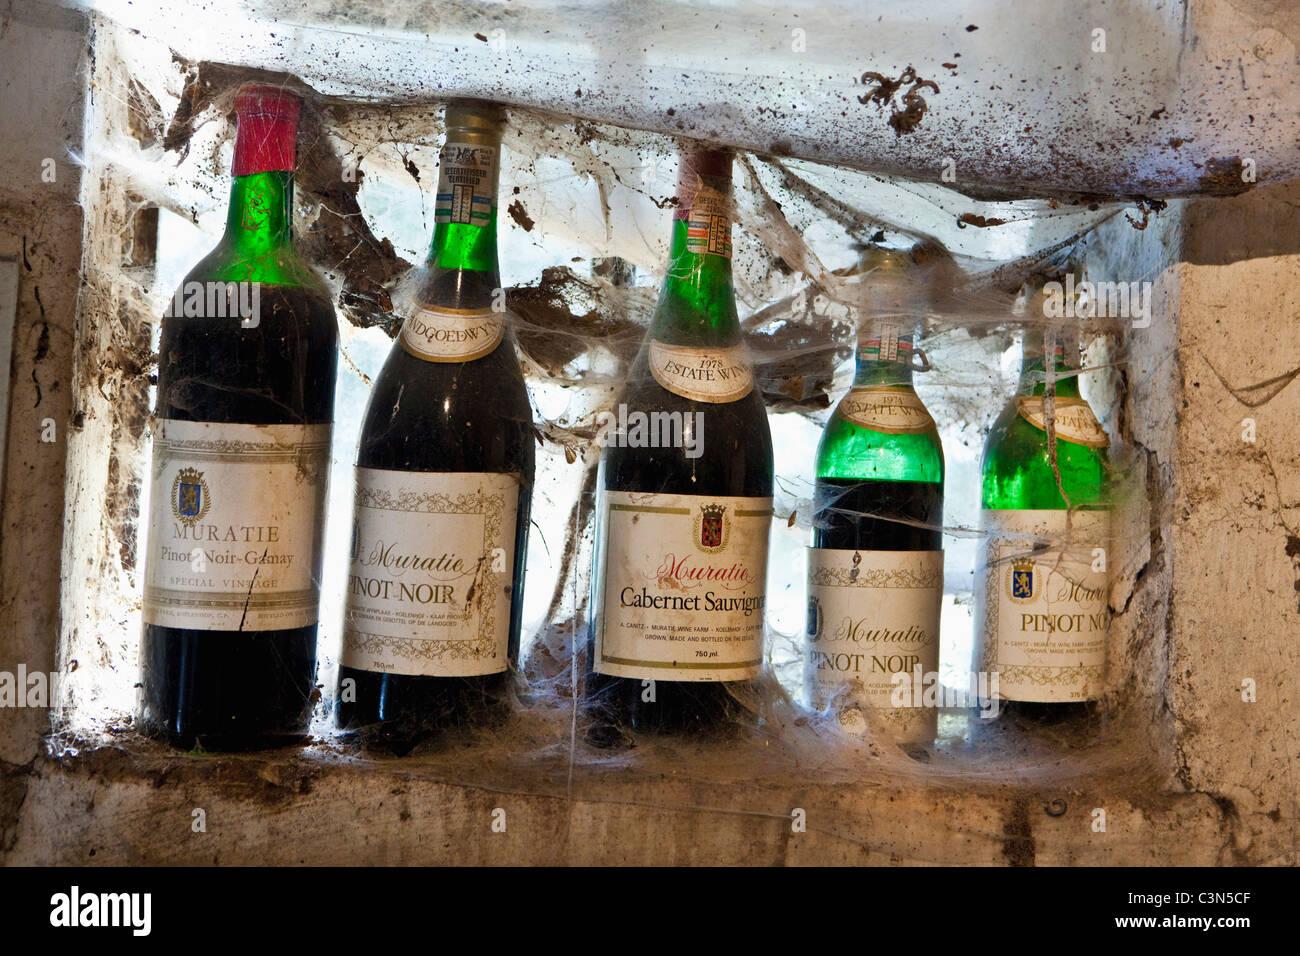 Südafrika, Western Cape, Stellenbosch, Muratie Wine Estate. Flaschen im Degustationsraum. Stockbild